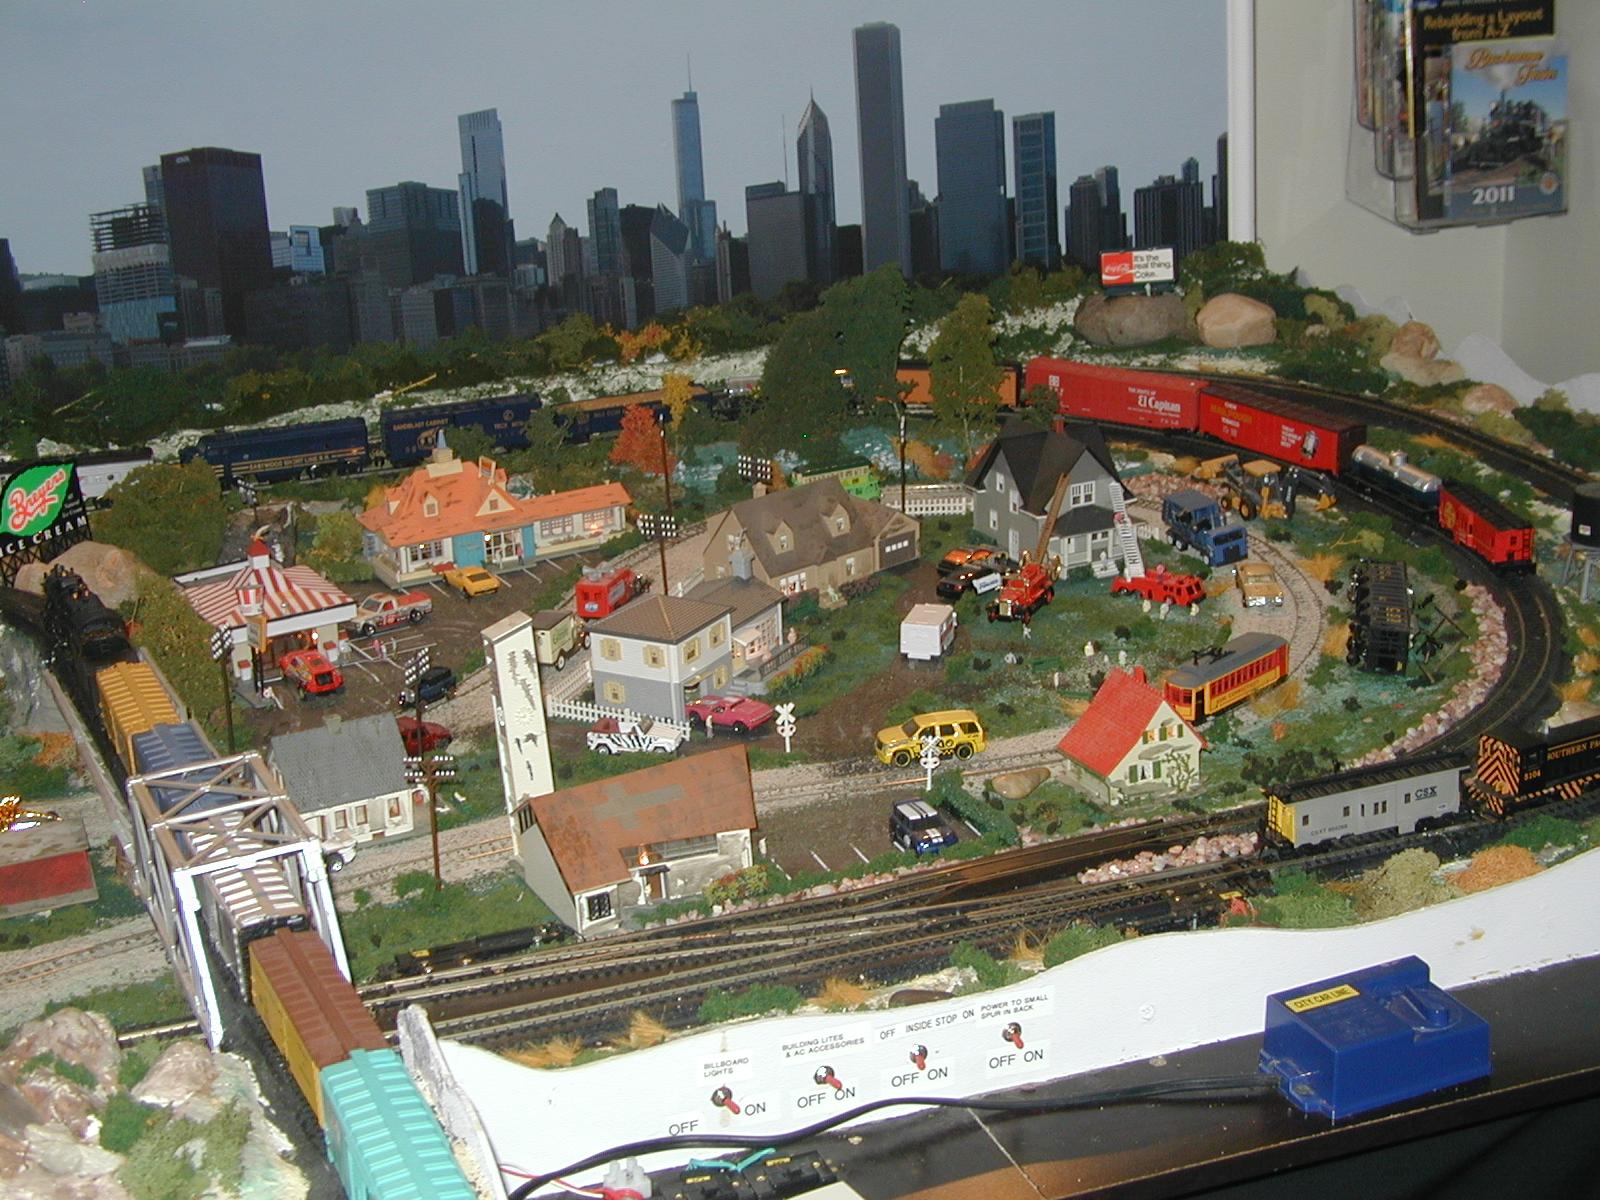 Hobby train supplies